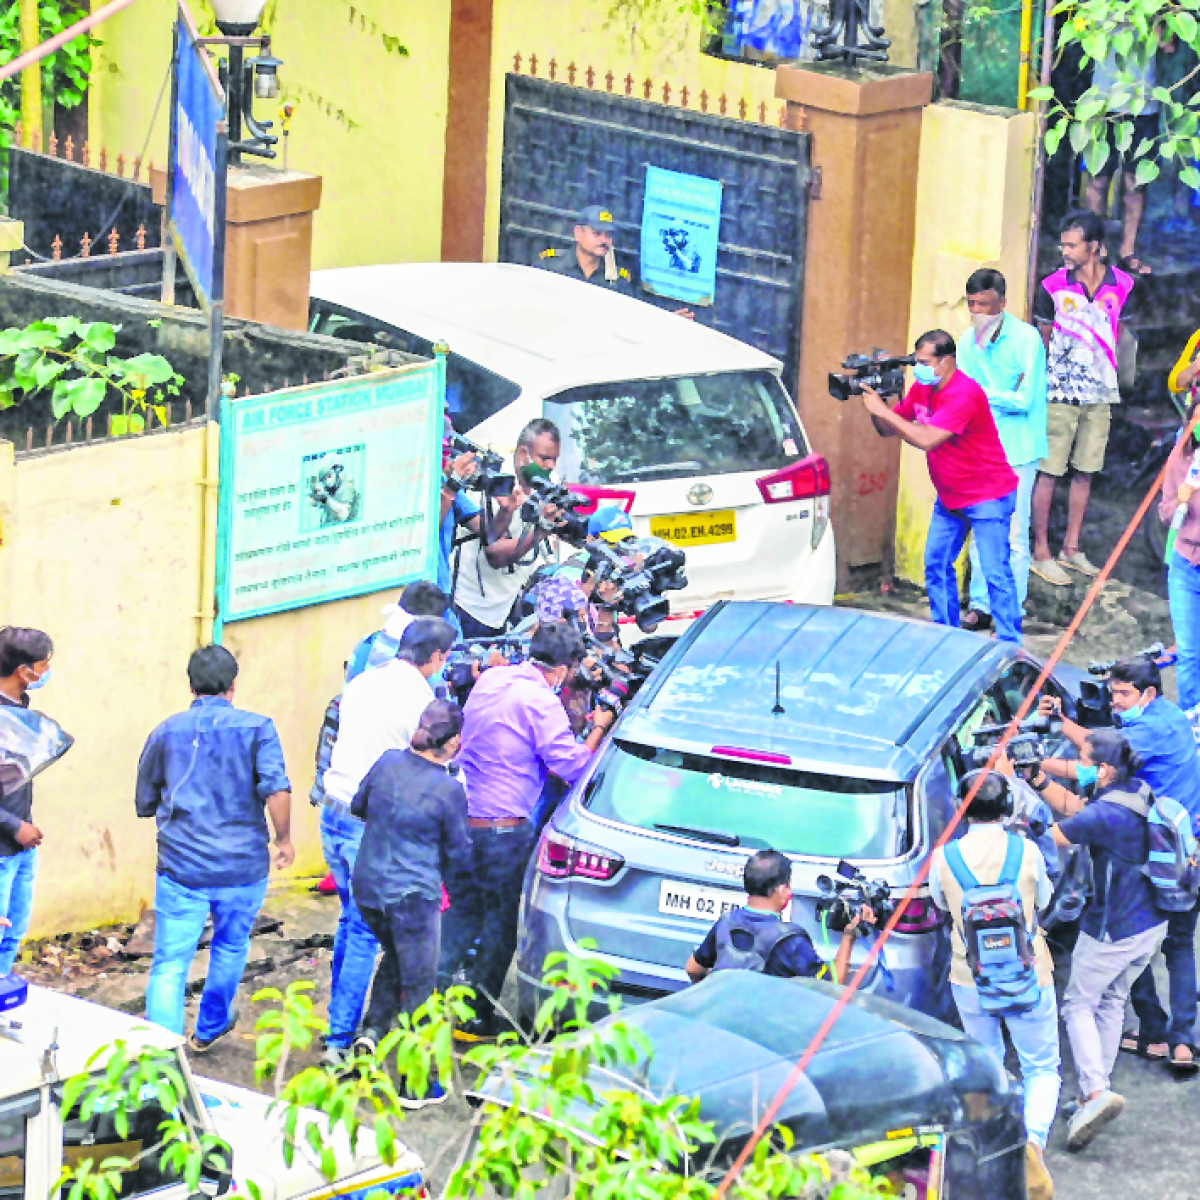 Sushant Singh Rajput Death: CBI quizzes Rhea Chakraborty's parents, hotelier questioned by ED